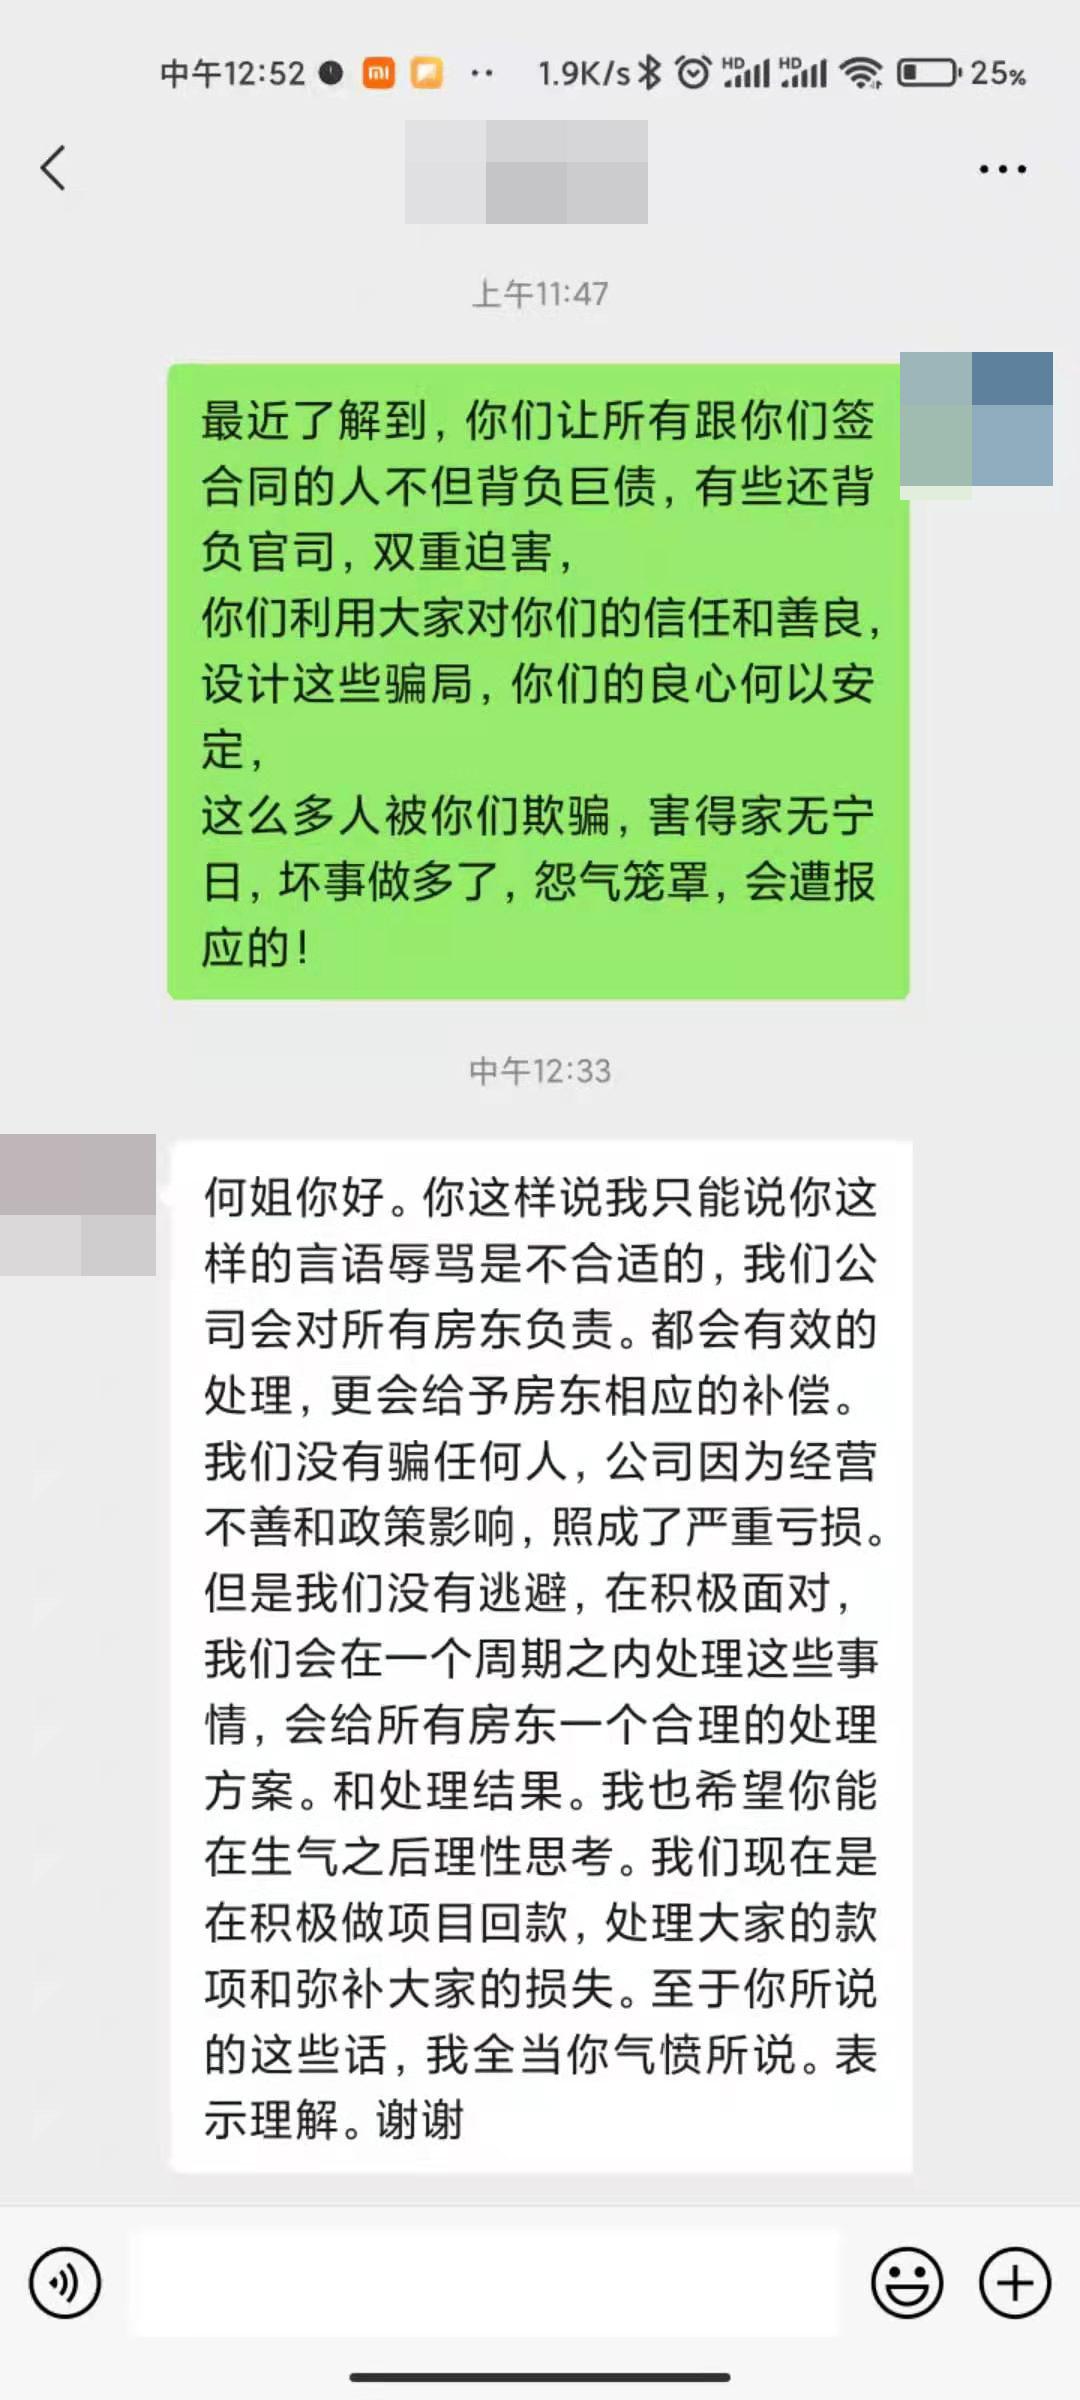 中城优家负责人杨慧与房东沟通截图